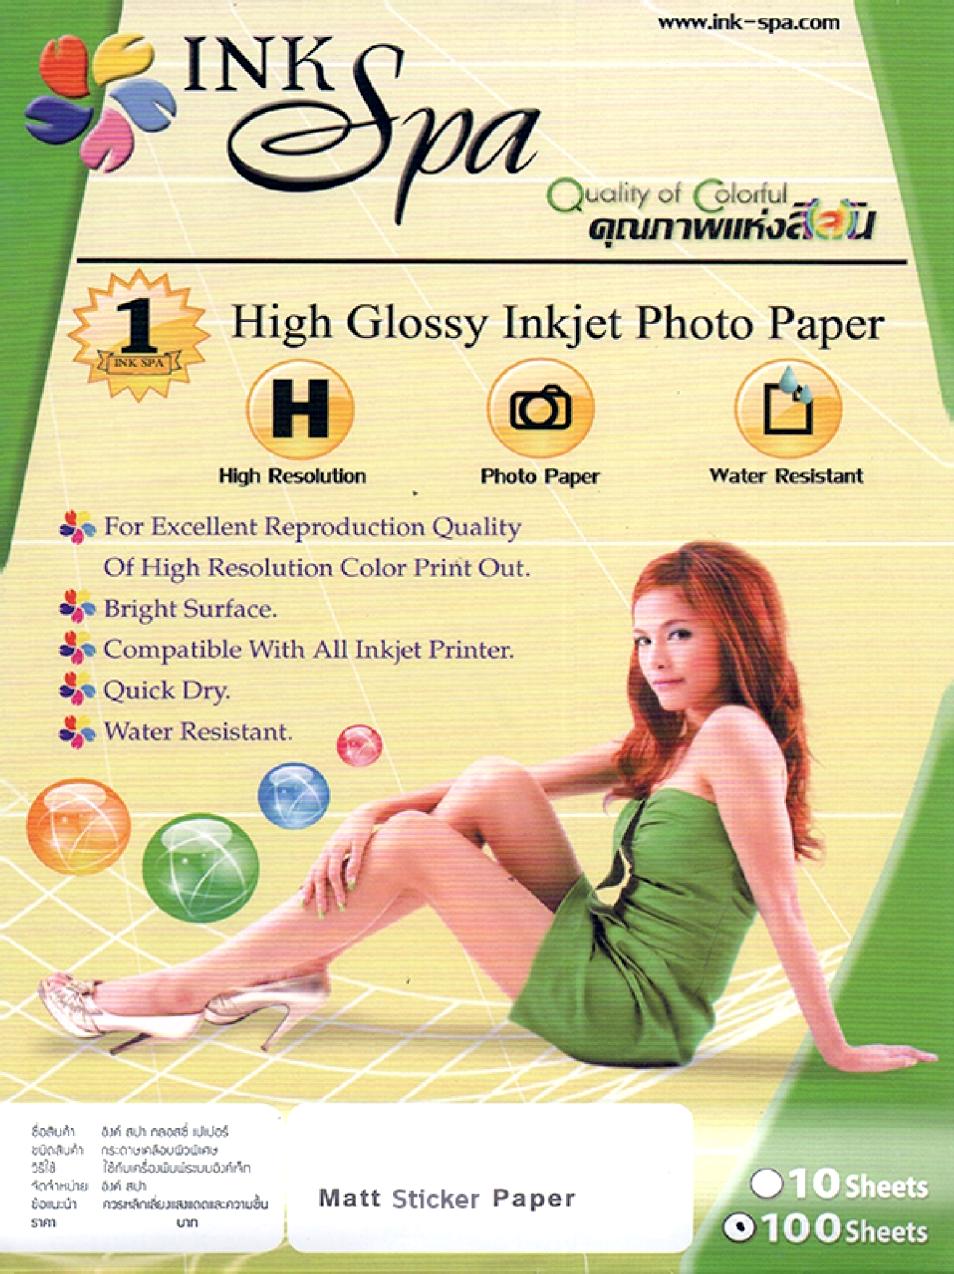 กระดาษสติ๊กเกอร์ Sticker matt สติ๊กเกอร์ สติ๊กเกอร์กันน้ำ